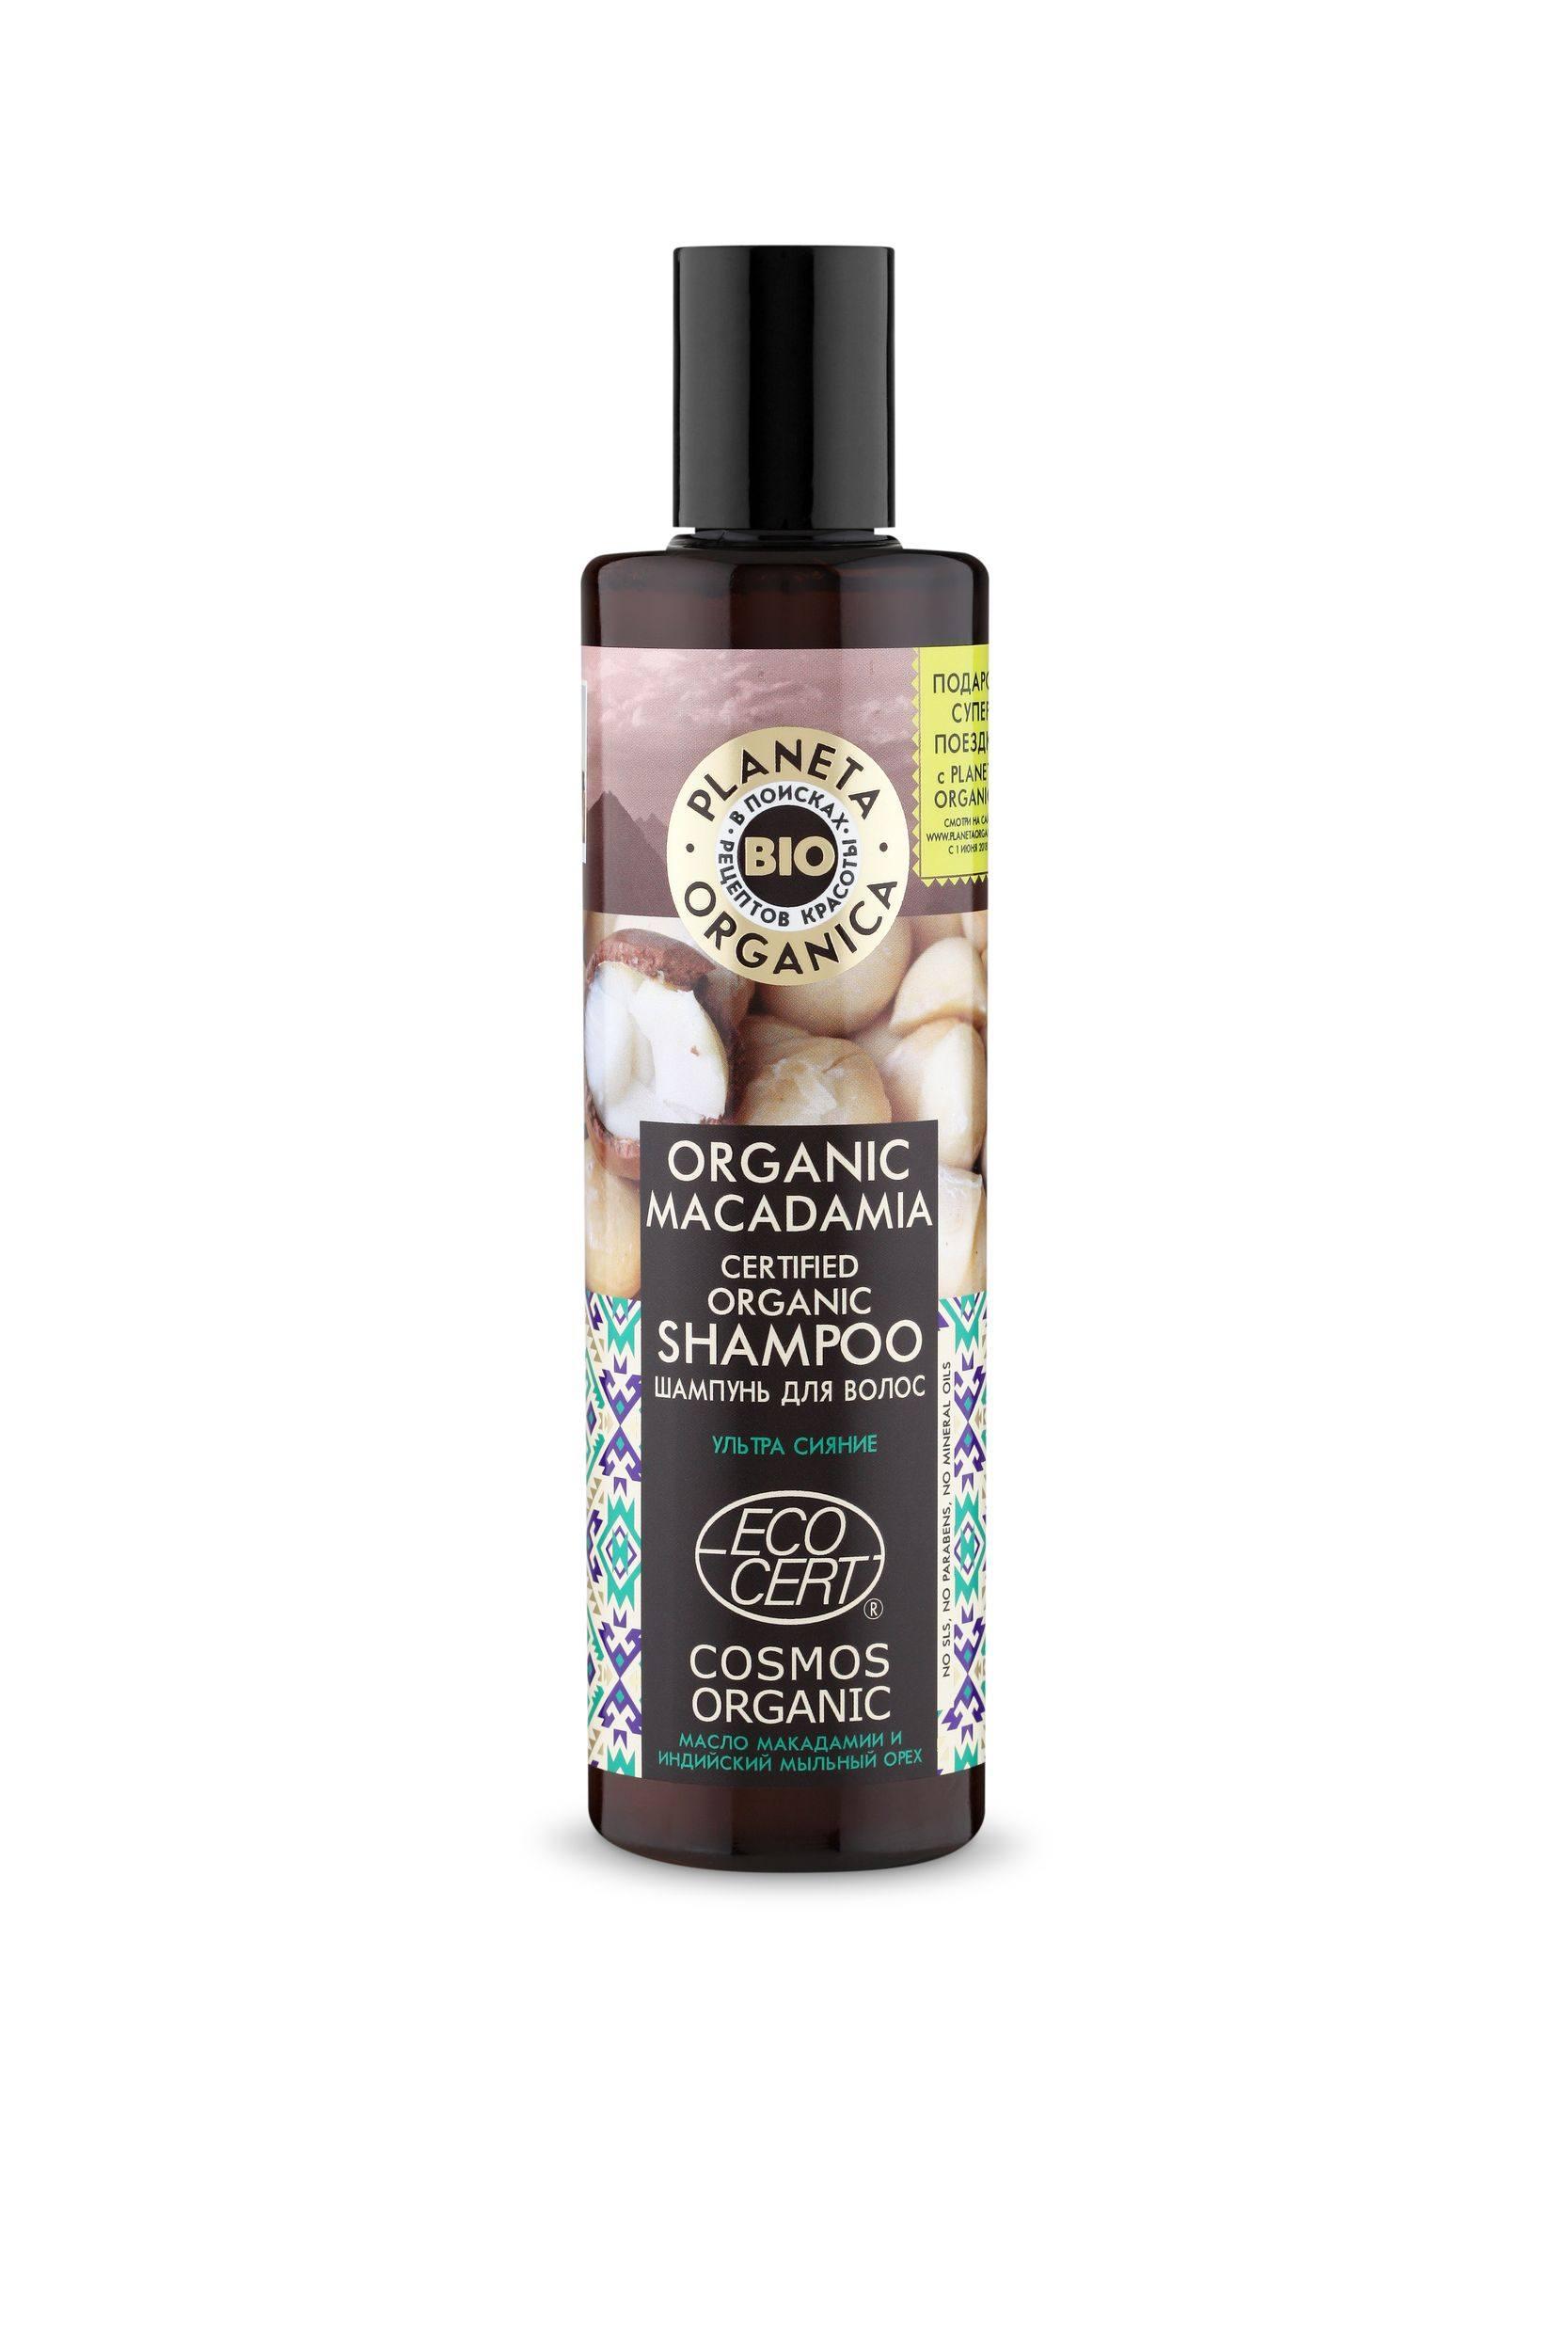 Купить Planeta Organica Organic macadamia Сертифицированный шампунь для волос Ультра сияние ., 280 мл (shop: Organic-shops Organic shops)